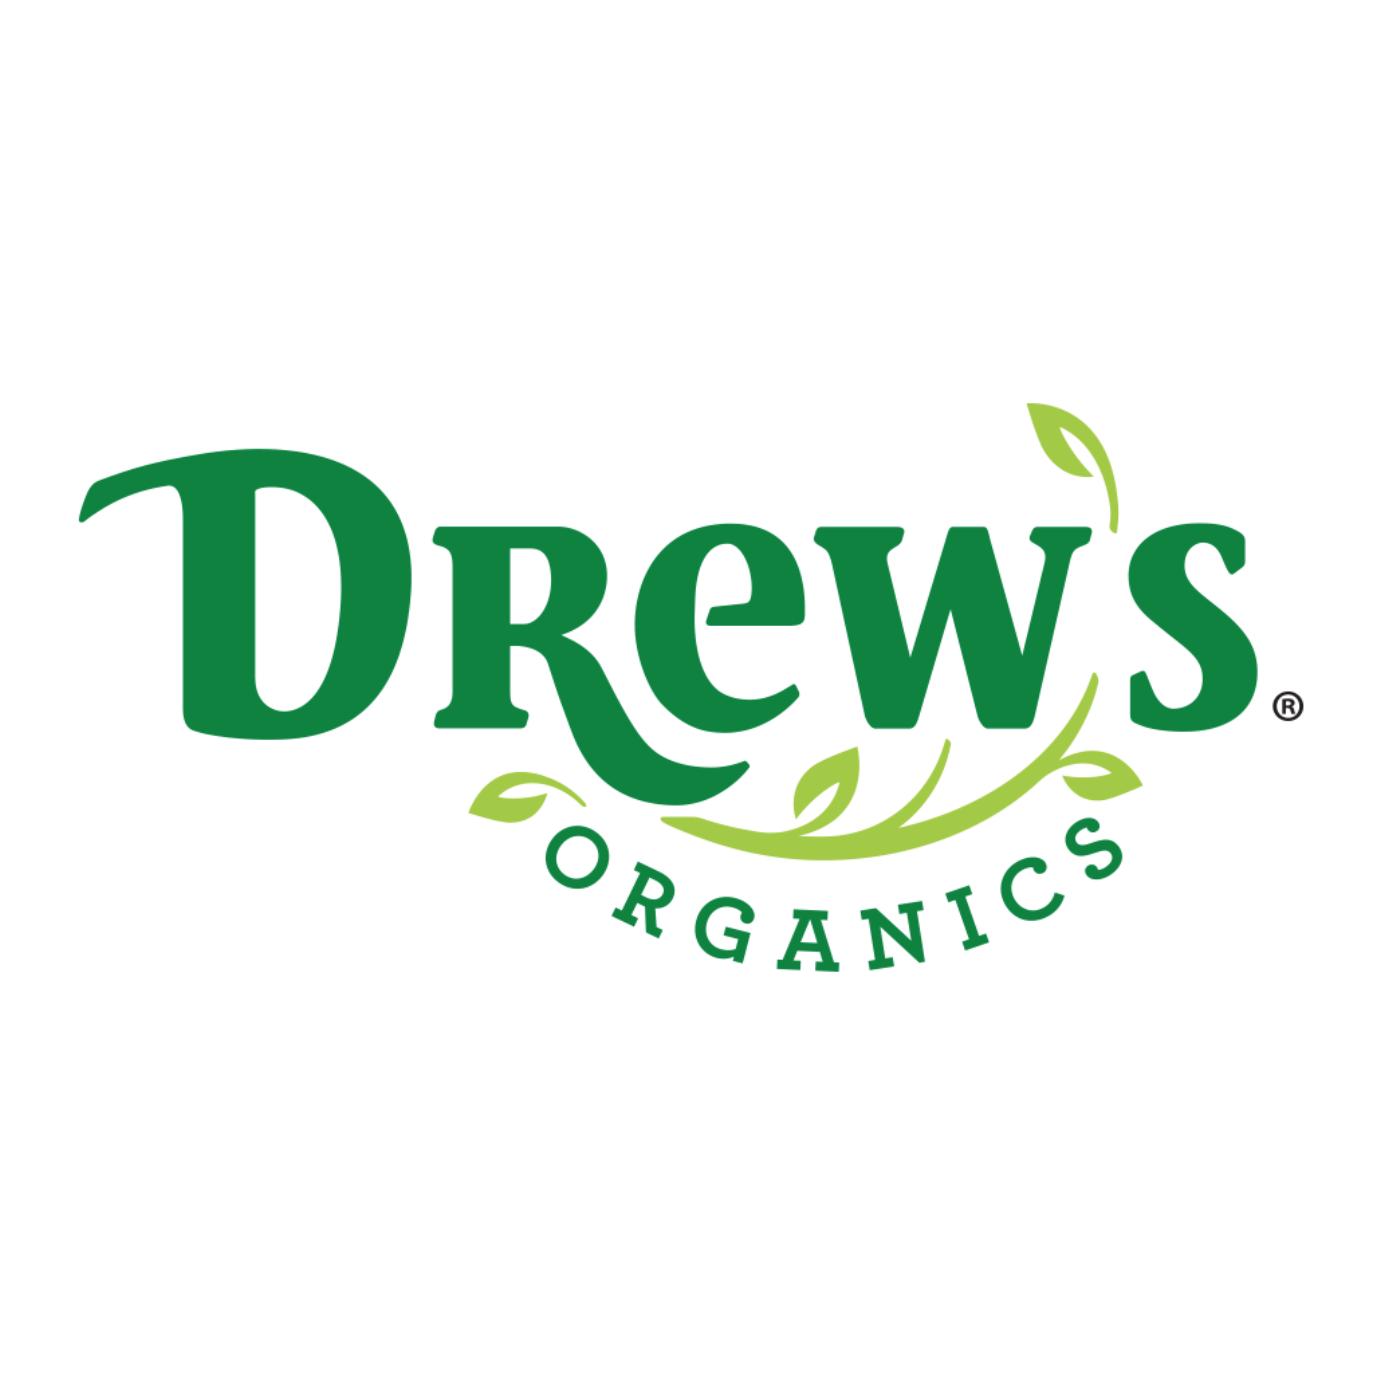 Drew's Organics logo - Certified Paleo, KETO Certified by the Paleo Foundation